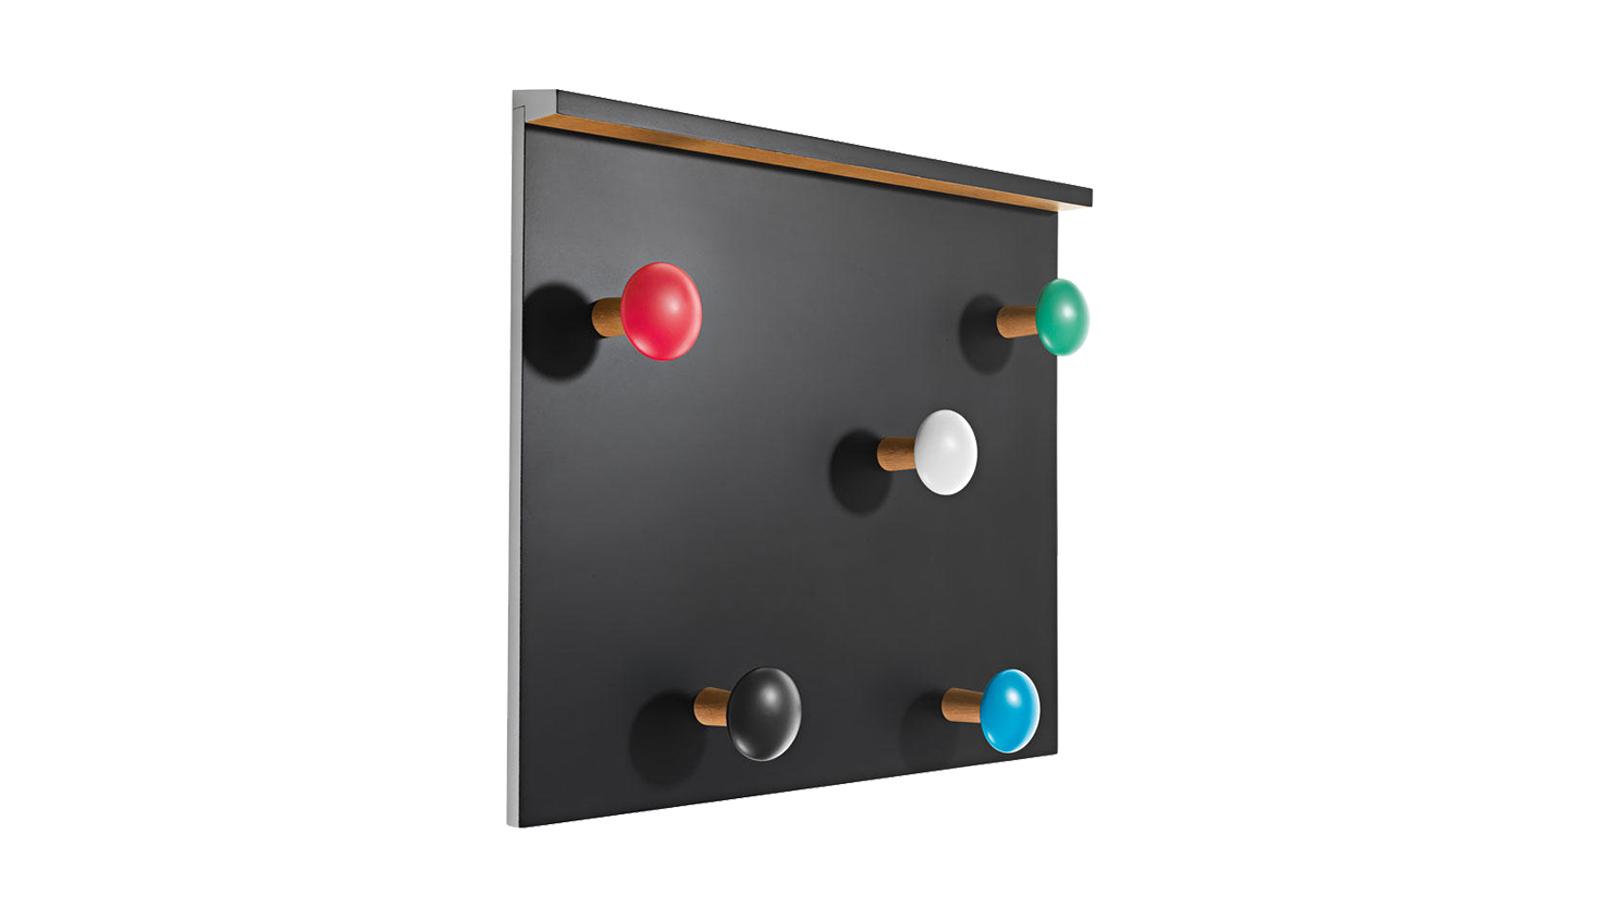 Ezt a játékos, gyerekszobai kiegészítőnek is beillő ruhafogast eredetileg saját nyaralójába tervezte a 20. század egyik legismertebb építésze, Le Corbusier. Az akár absztrakt festménynek is beillő darab vidám, élénk színekben pompázik, melyek tökéletesen kiemelik a gomba formájú akasztókat.